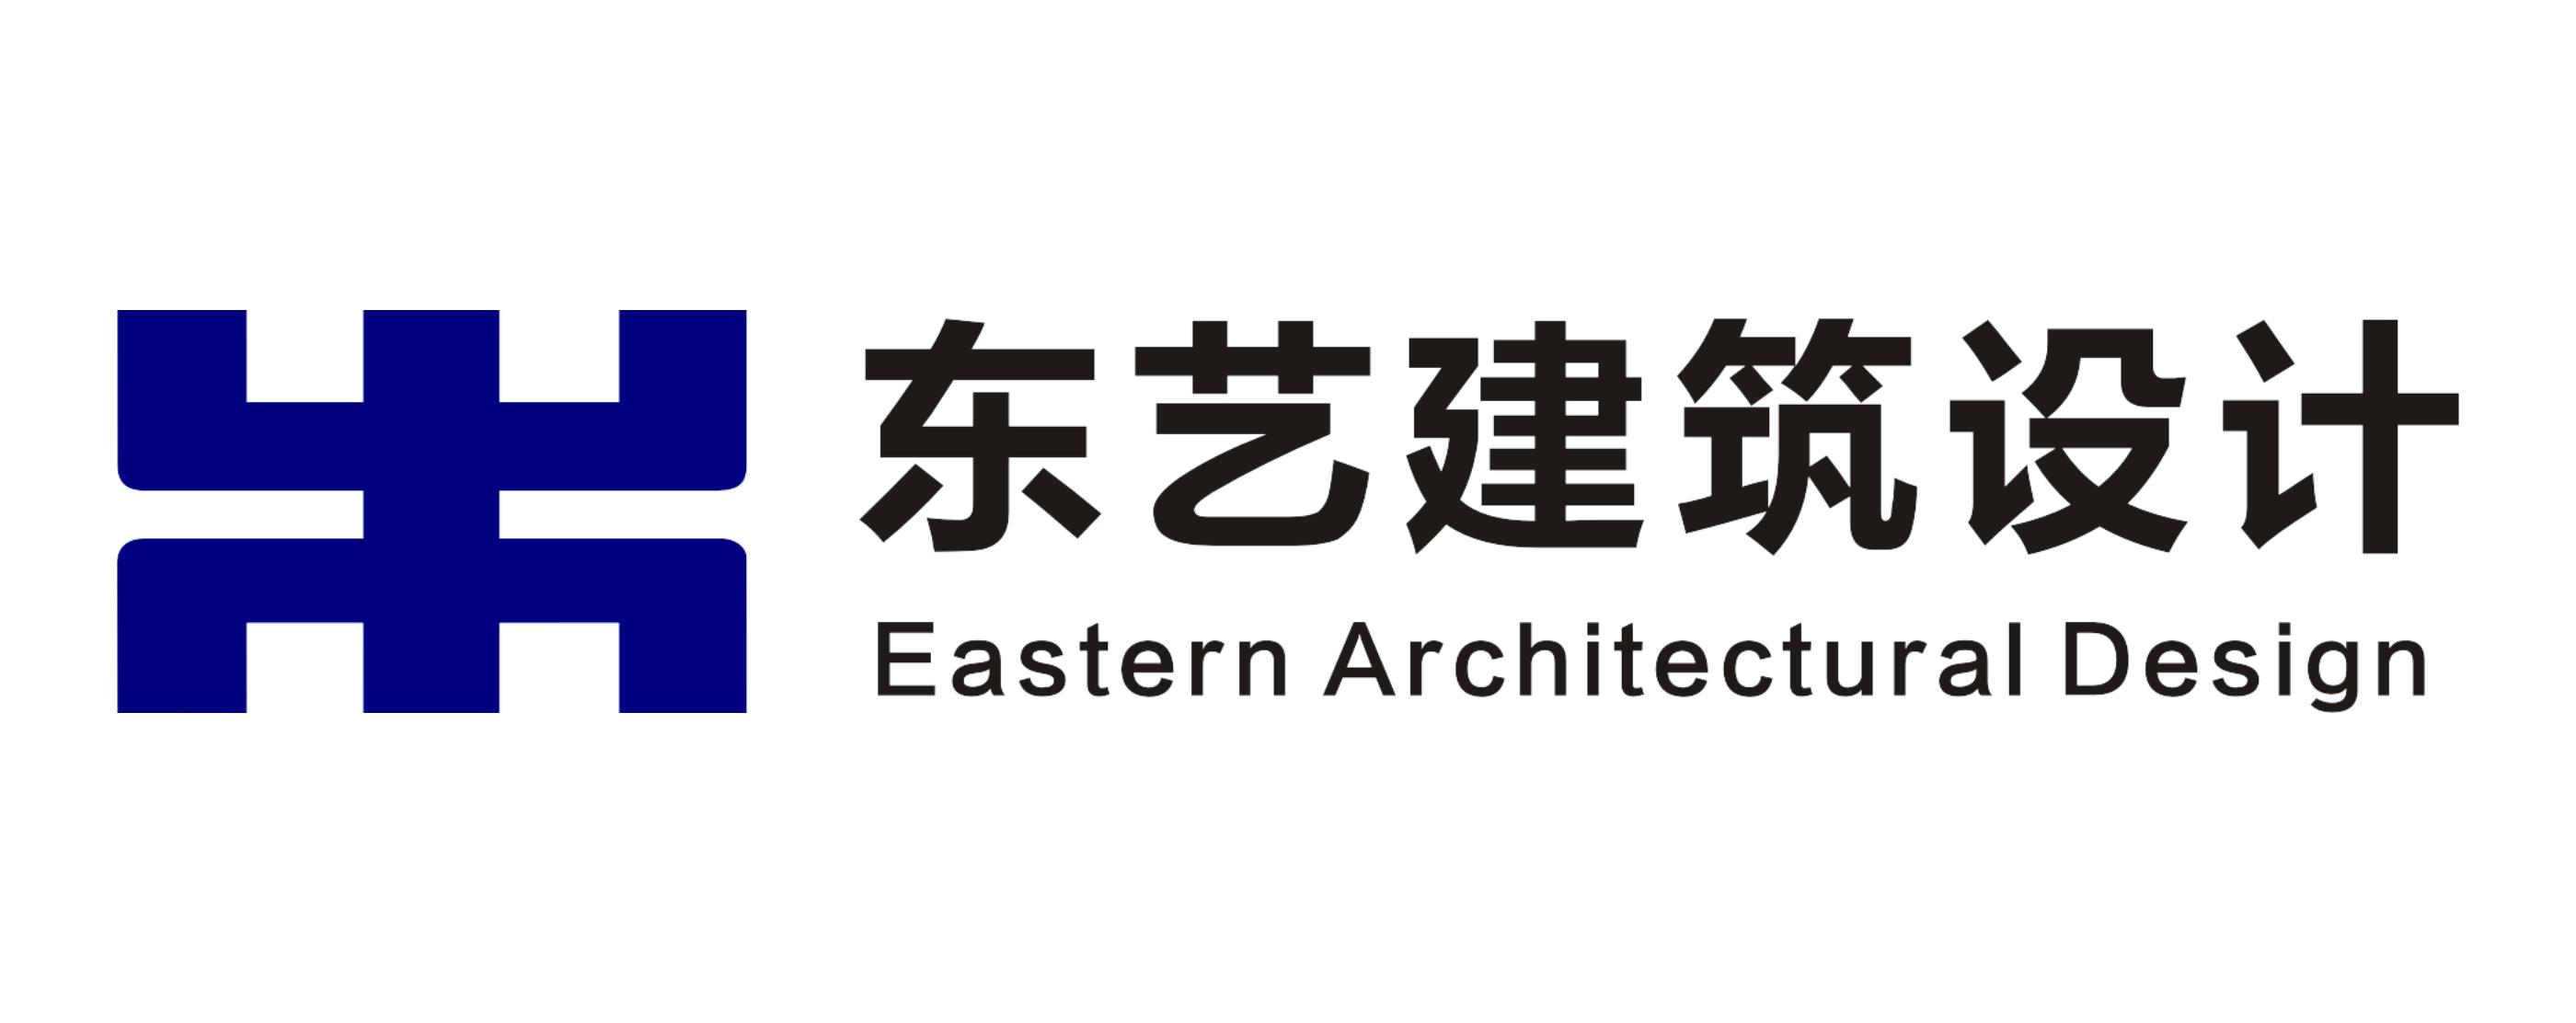 武汉东艺建筑设计有限公司